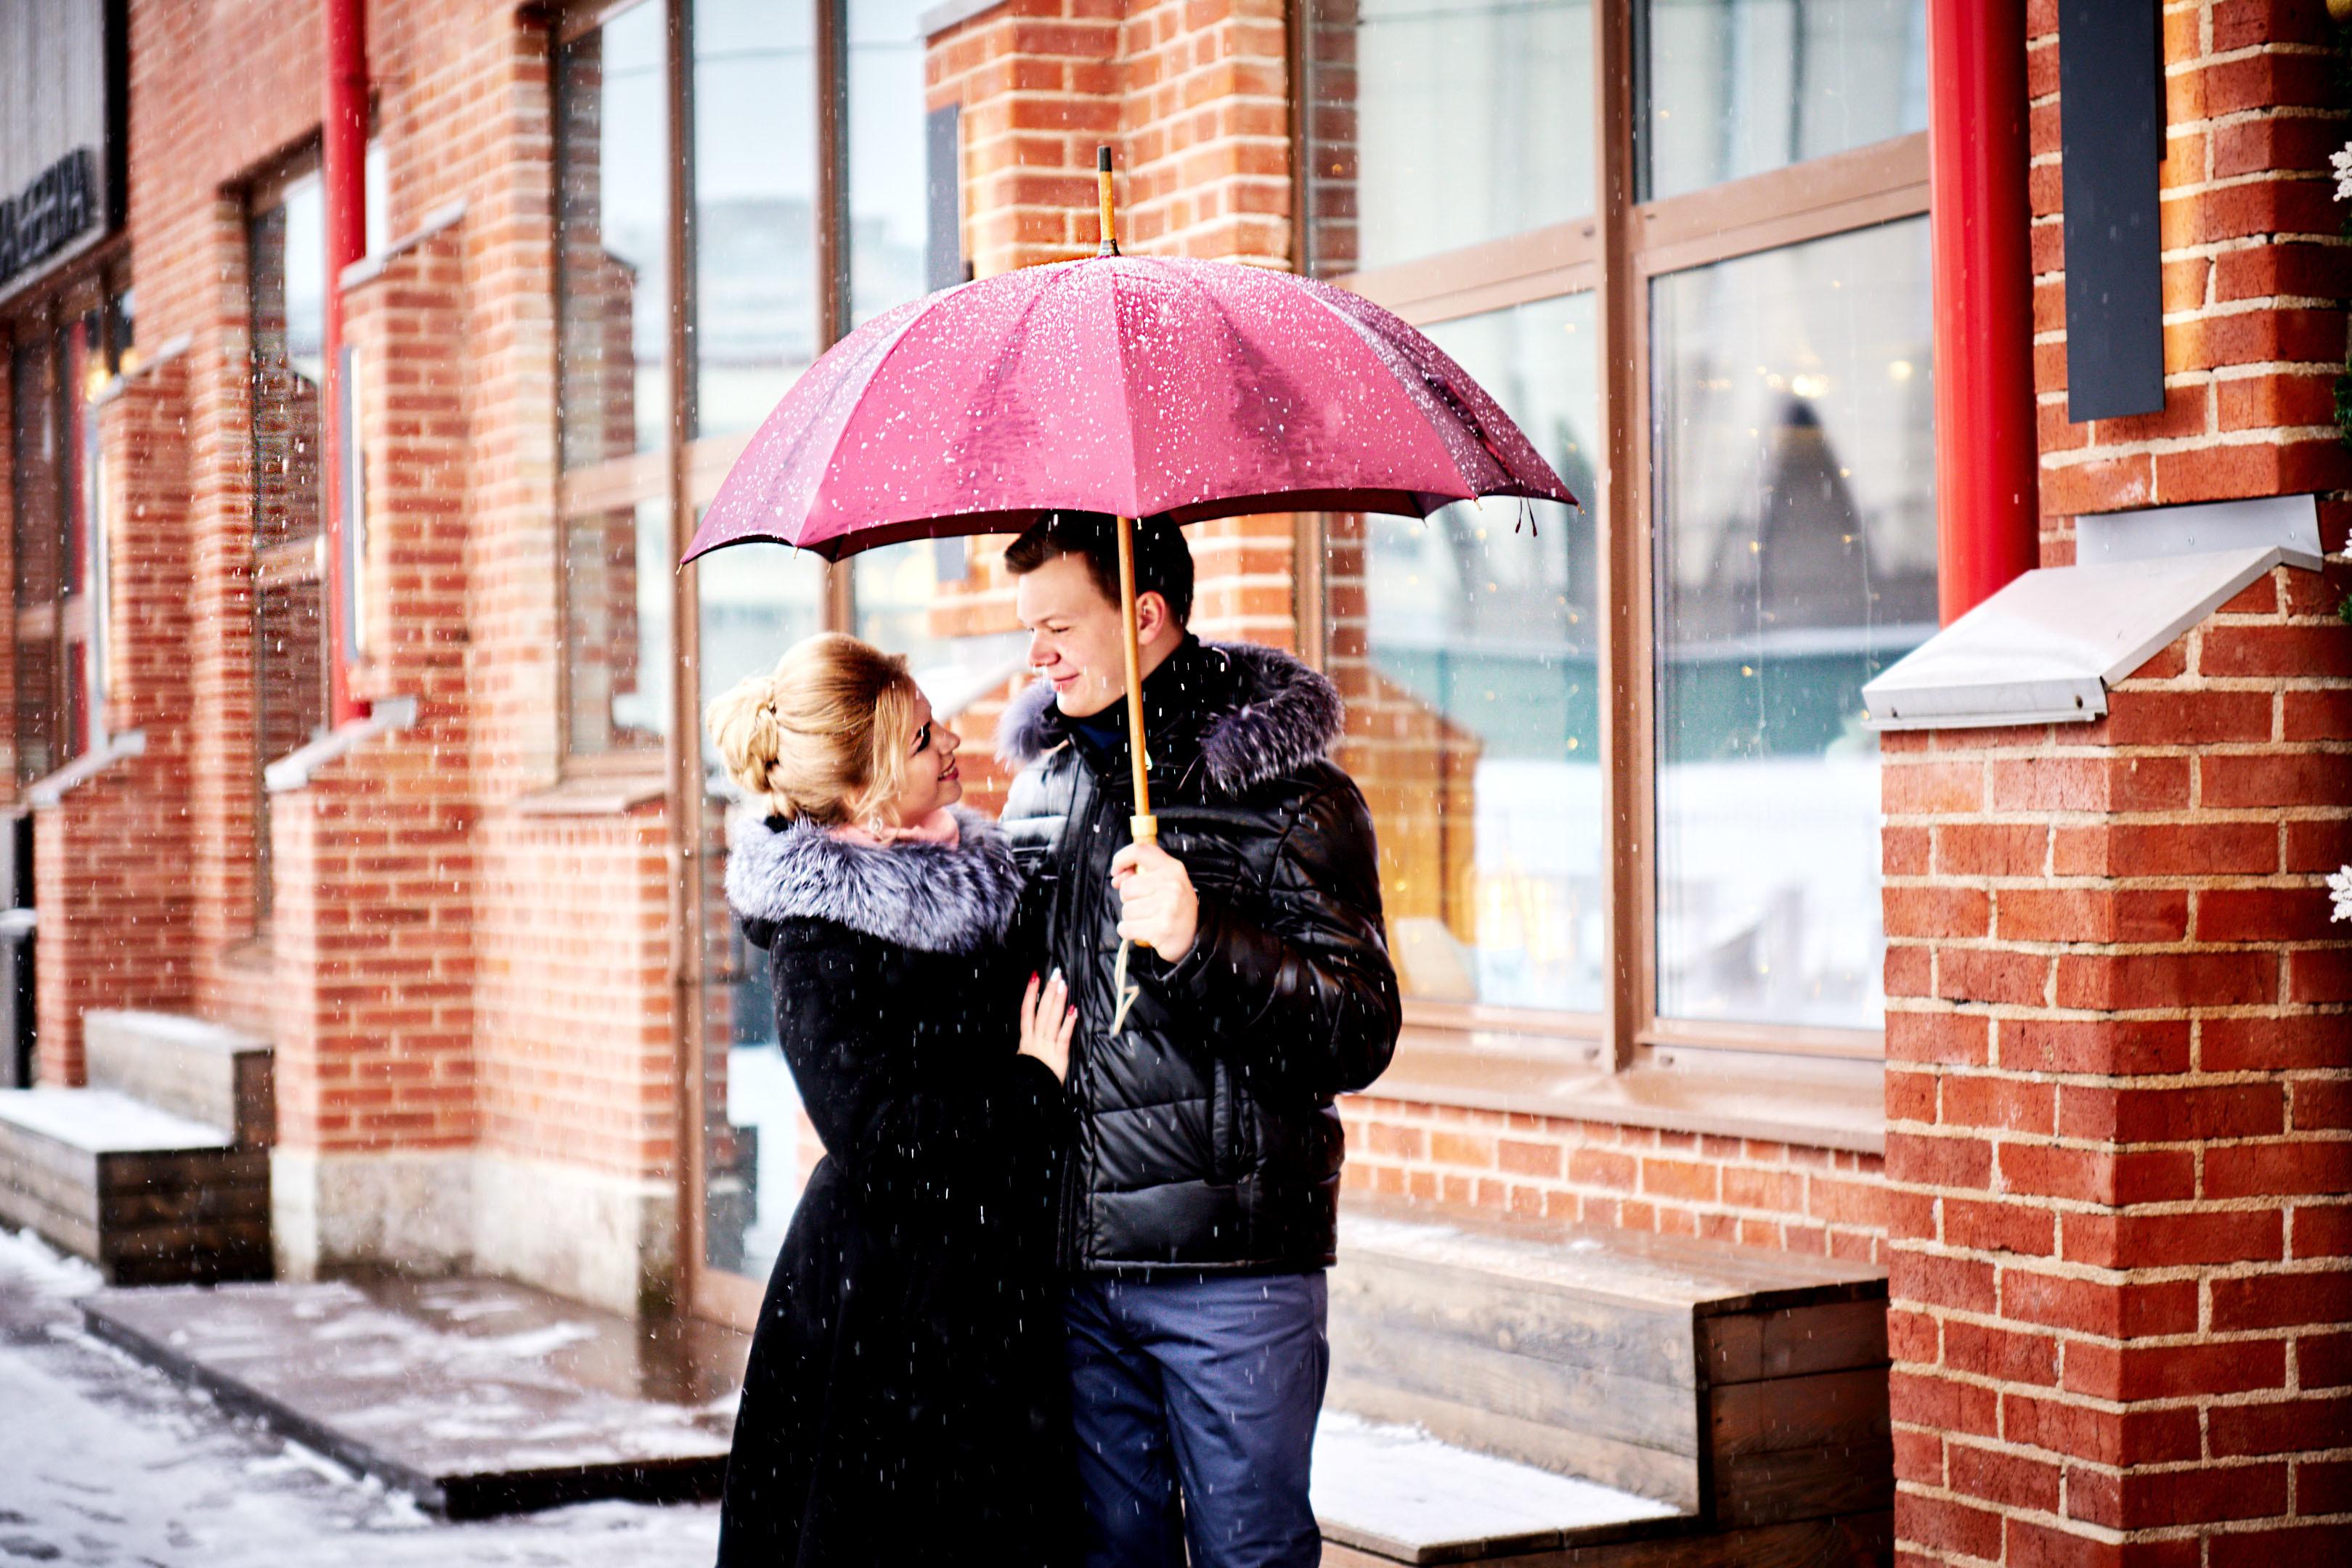 Зимняя предсвадебная фотосессия, фотосесия лав стори, фотосессия в дождь, свадебный фотограф спб